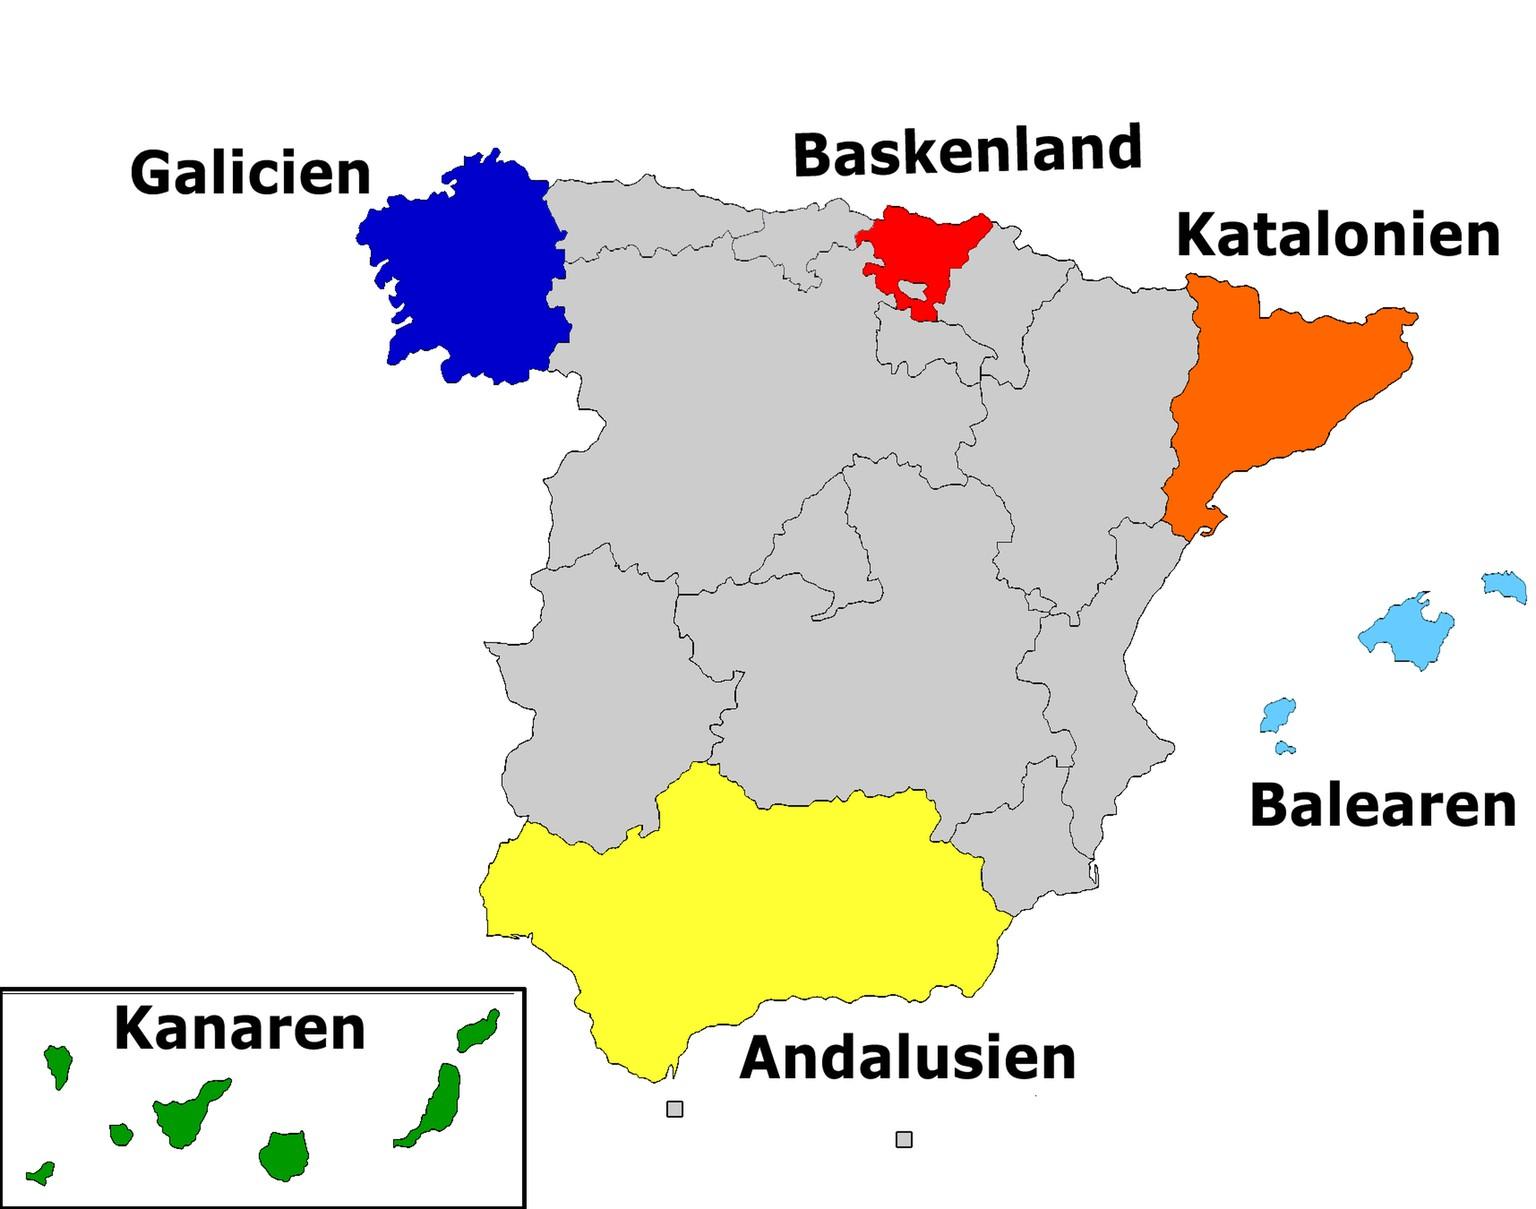 Spanien Katalonien Karte.Katalonien Und Co In Diesen 6 Regionen Sind Spaniens Separatisten